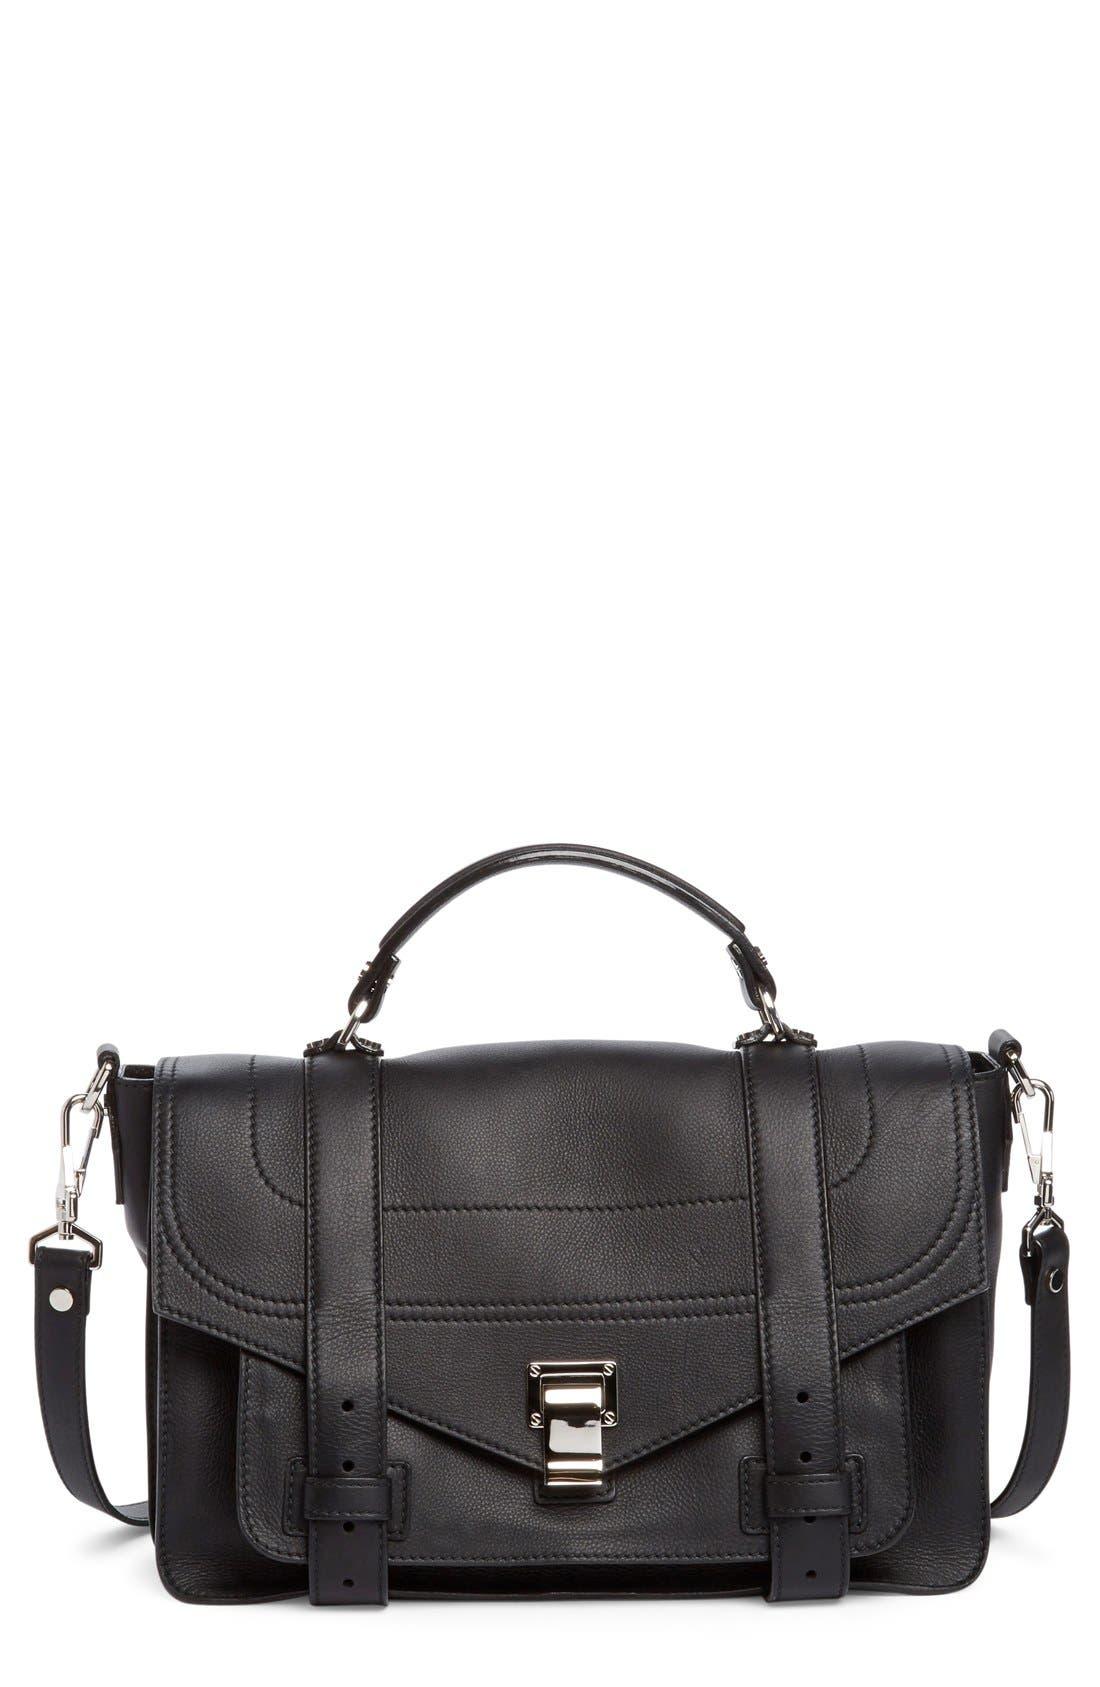 Proenza Schouler Medium PS1+ Grainy Leather Satchel